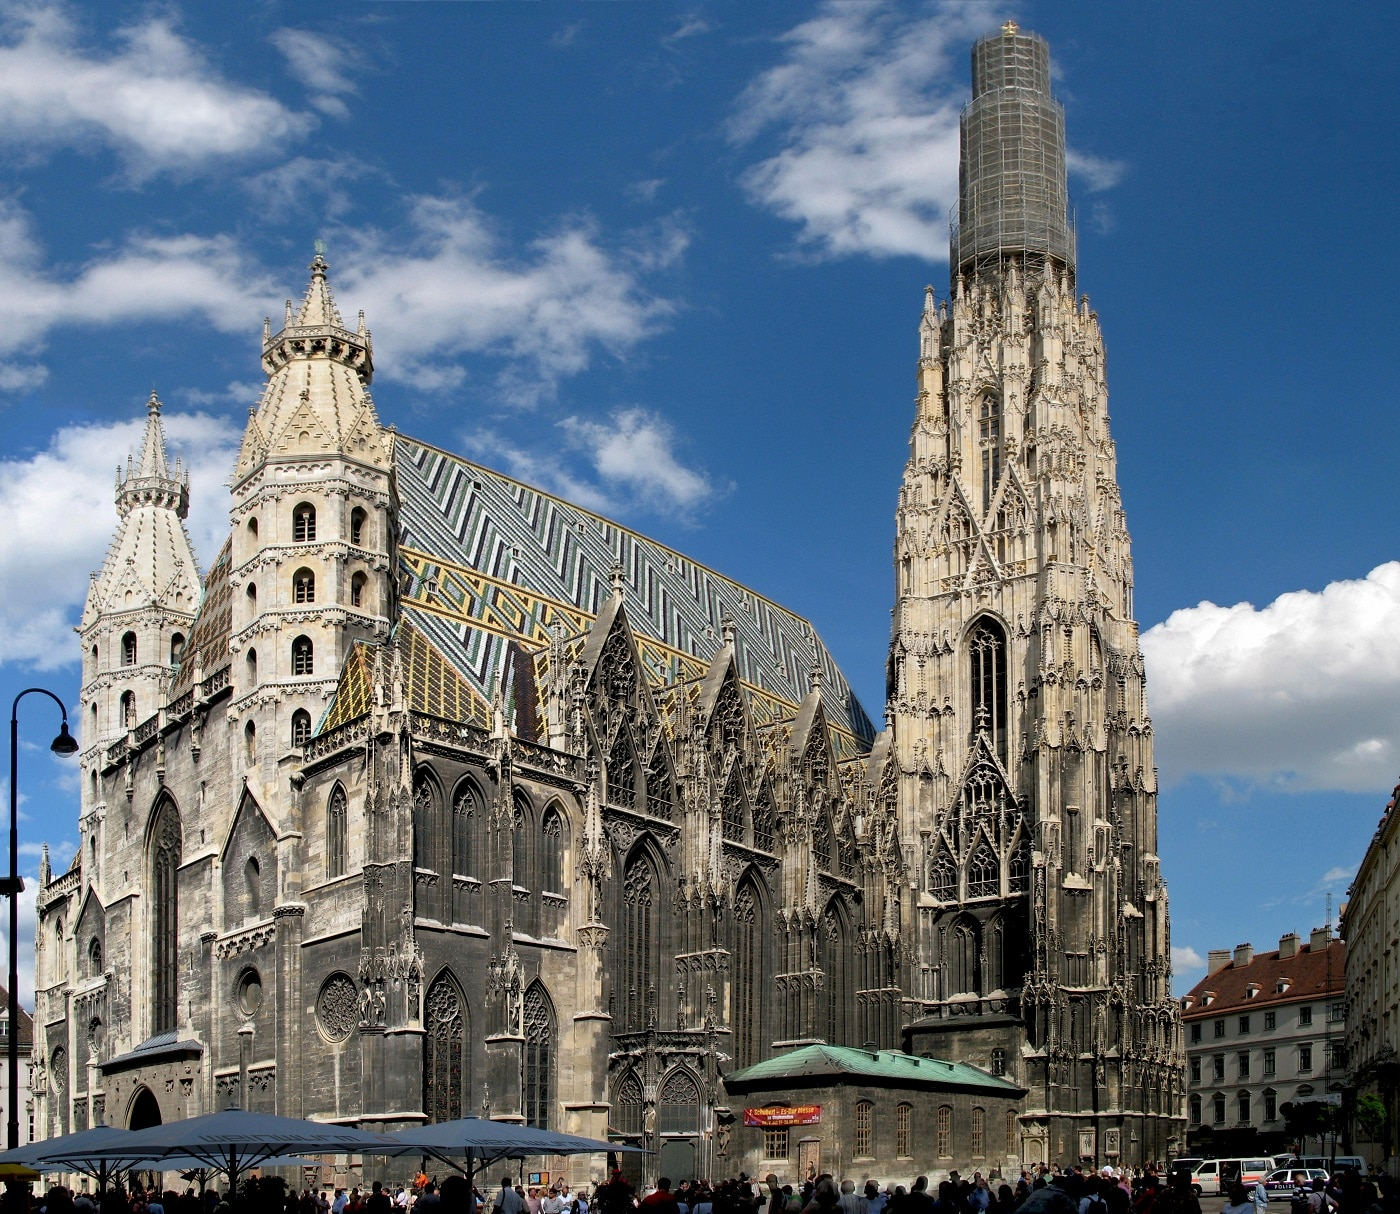 O mulțime de turiști curioși roiesc în jurul catedralei